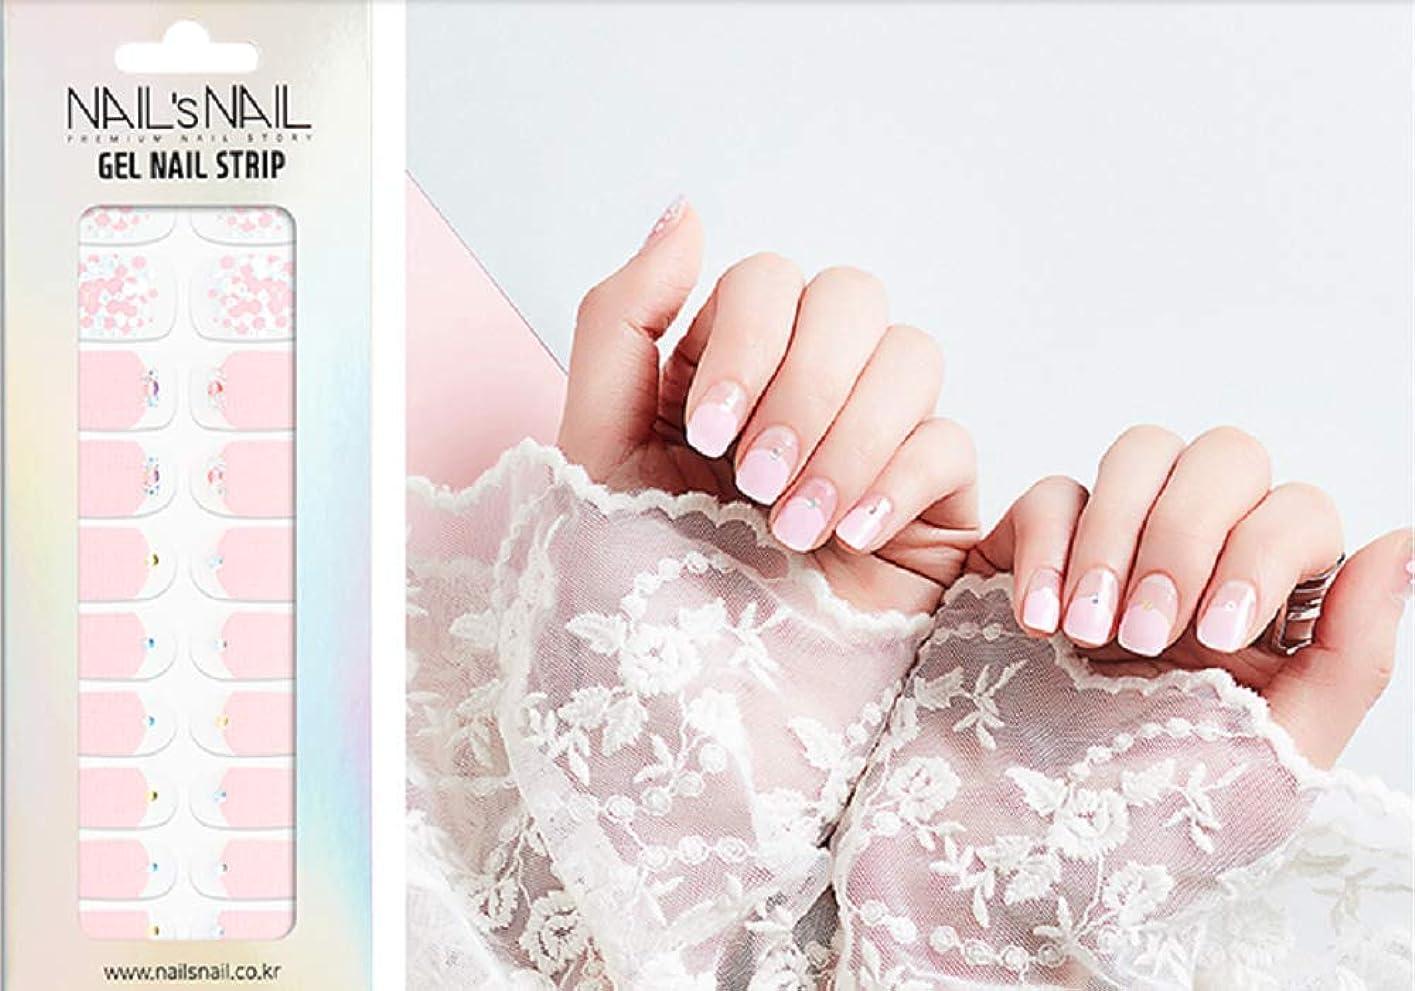 おなじみのチャンピオンシップトースト\貼るジェルネイル/Nail's Nail(ネイルスネイル) ジェルネイルストリップ 55